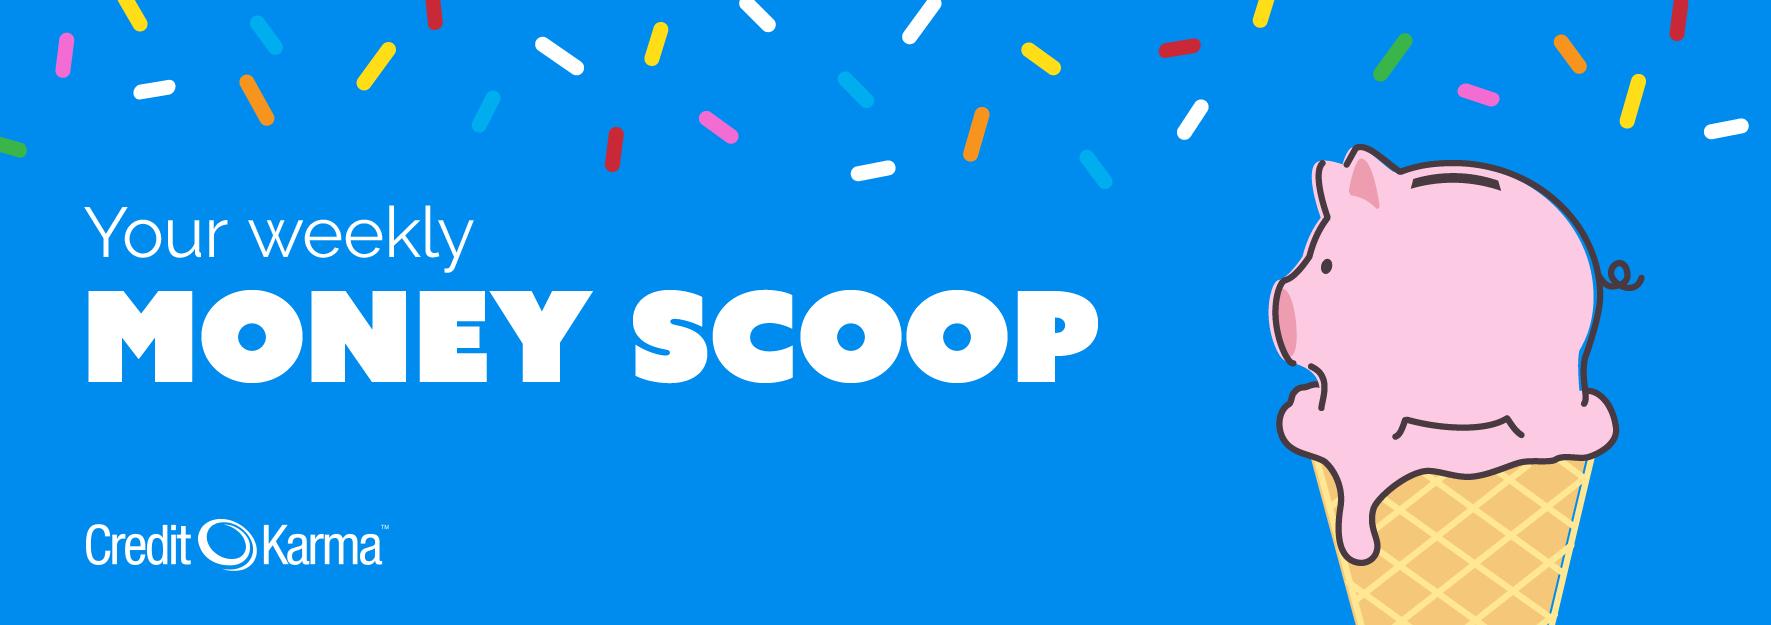 Your weekly money scoop: August 26, 2016